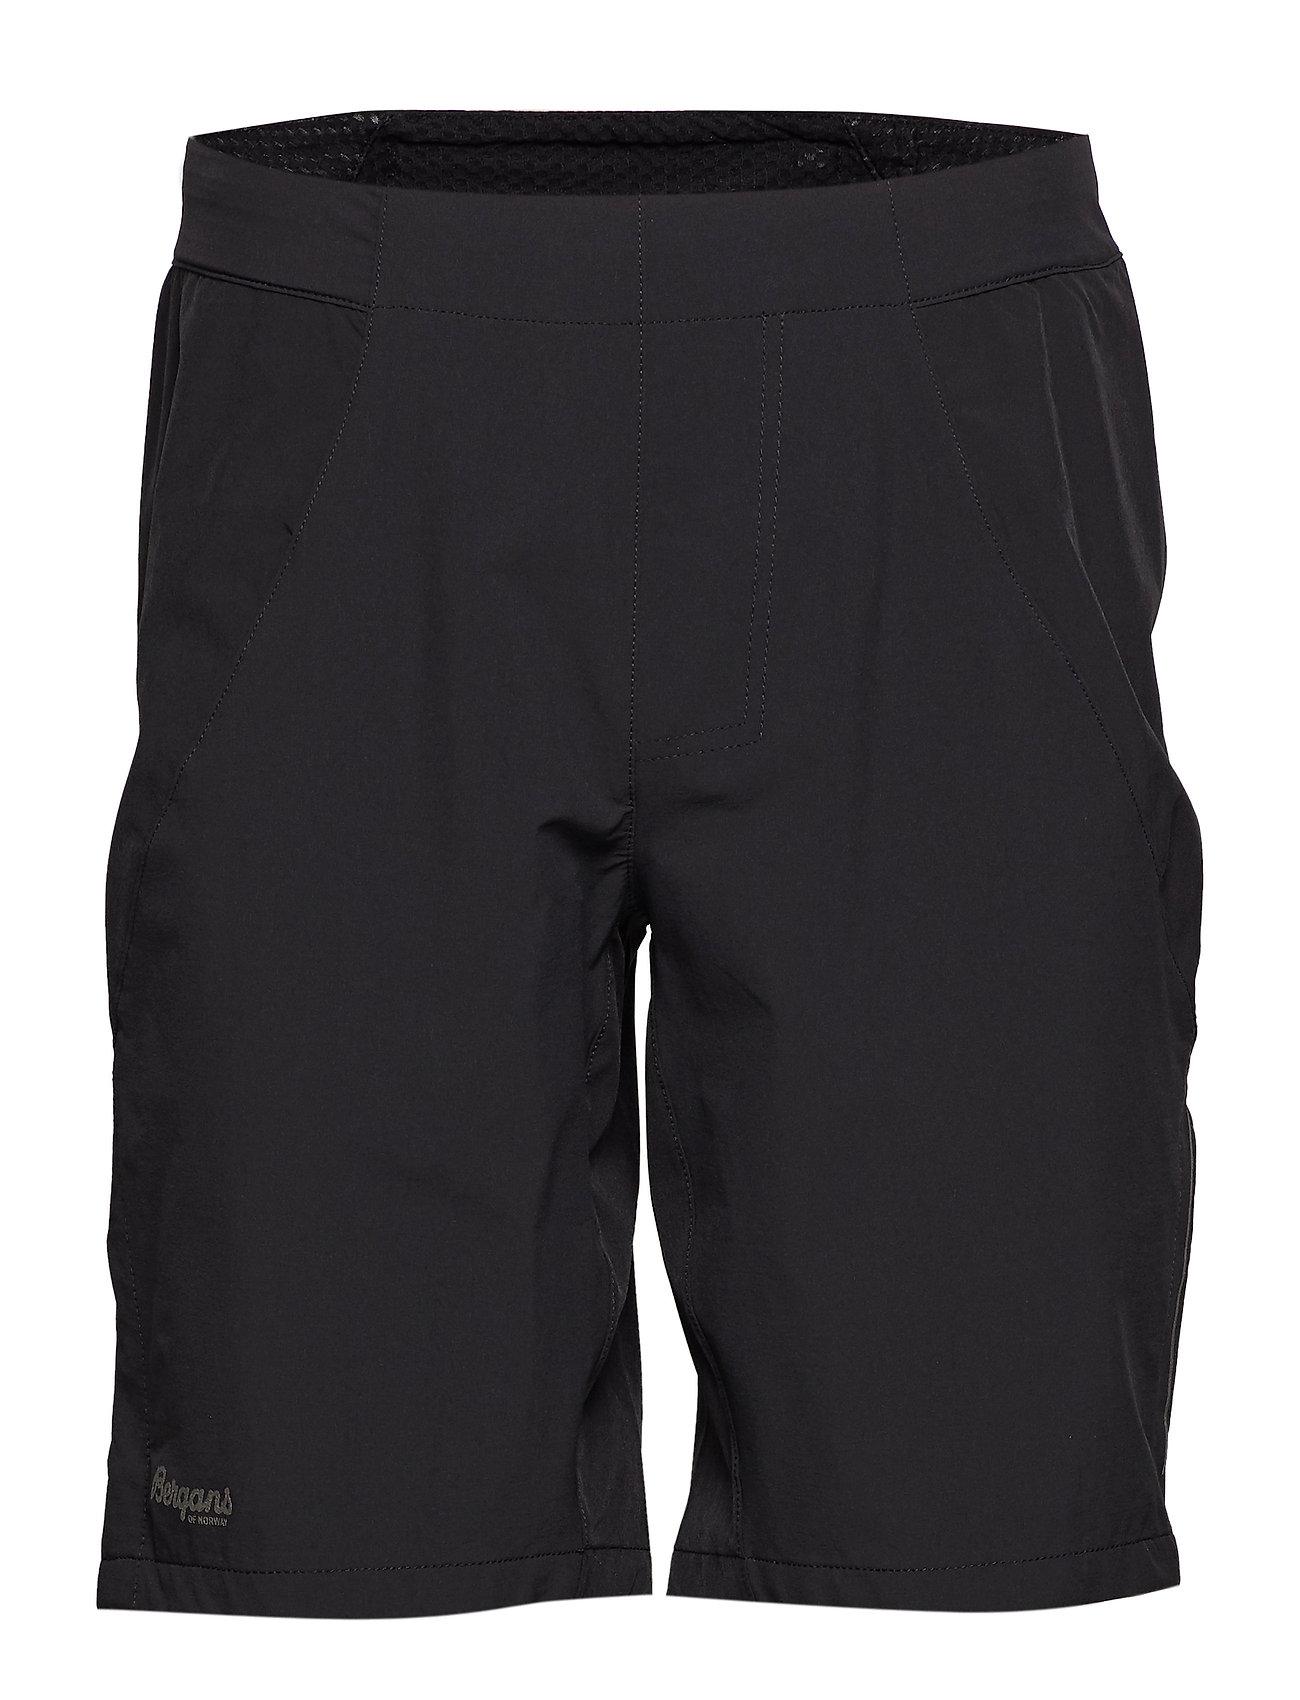 Bergans Flyen Shorts - BLACK/SOLIDCHARCOAL